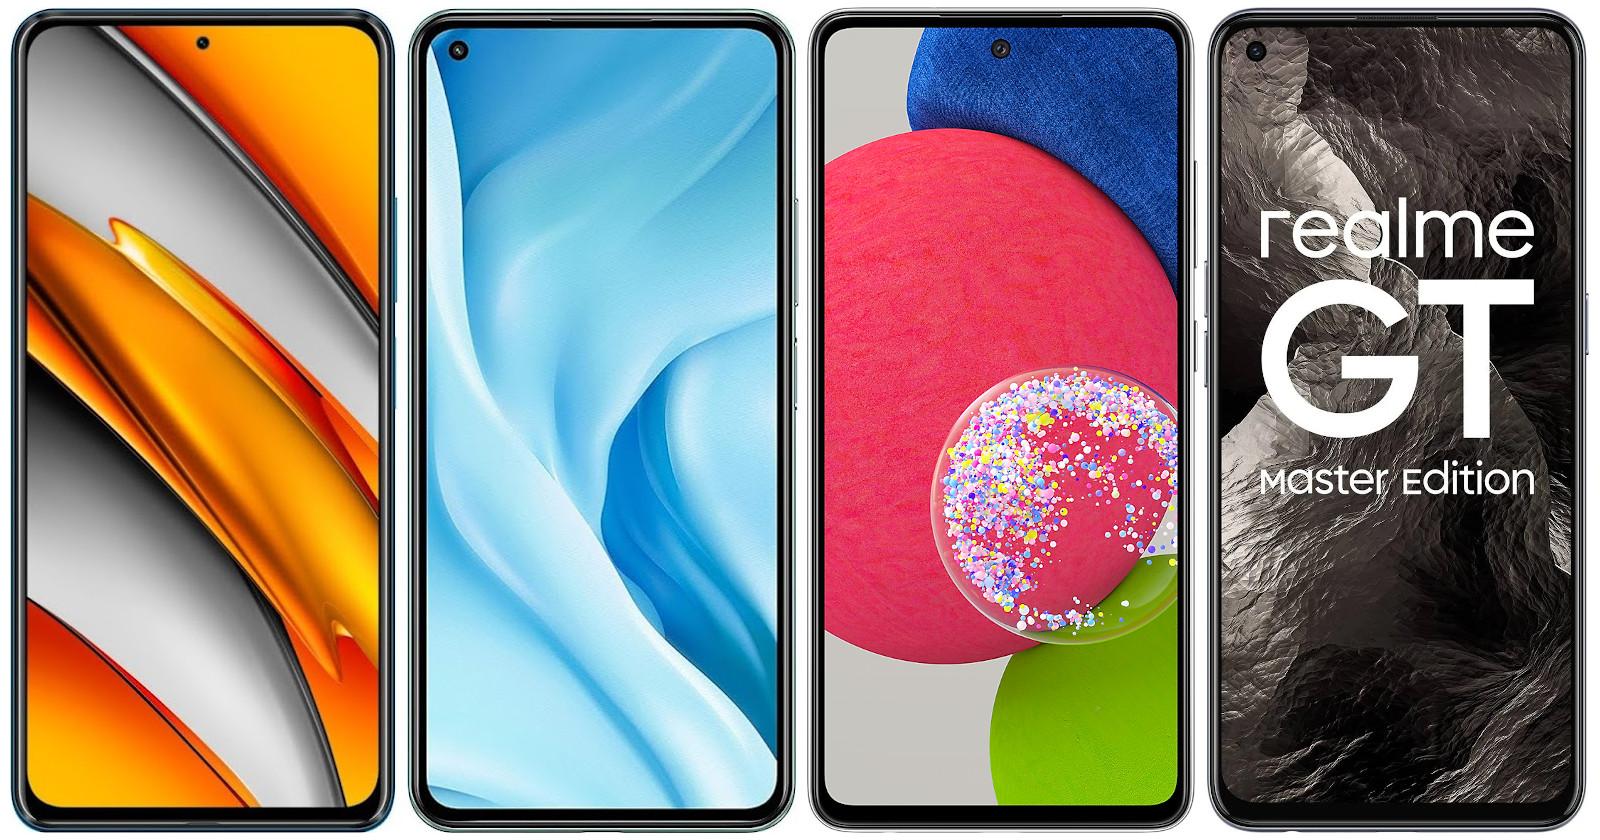 Xiaomi POCO F3 vs Xiaomi Mi 11 Lite 5G vs Realme GT Master Edition vs Samsung Galaxy A52s 5G